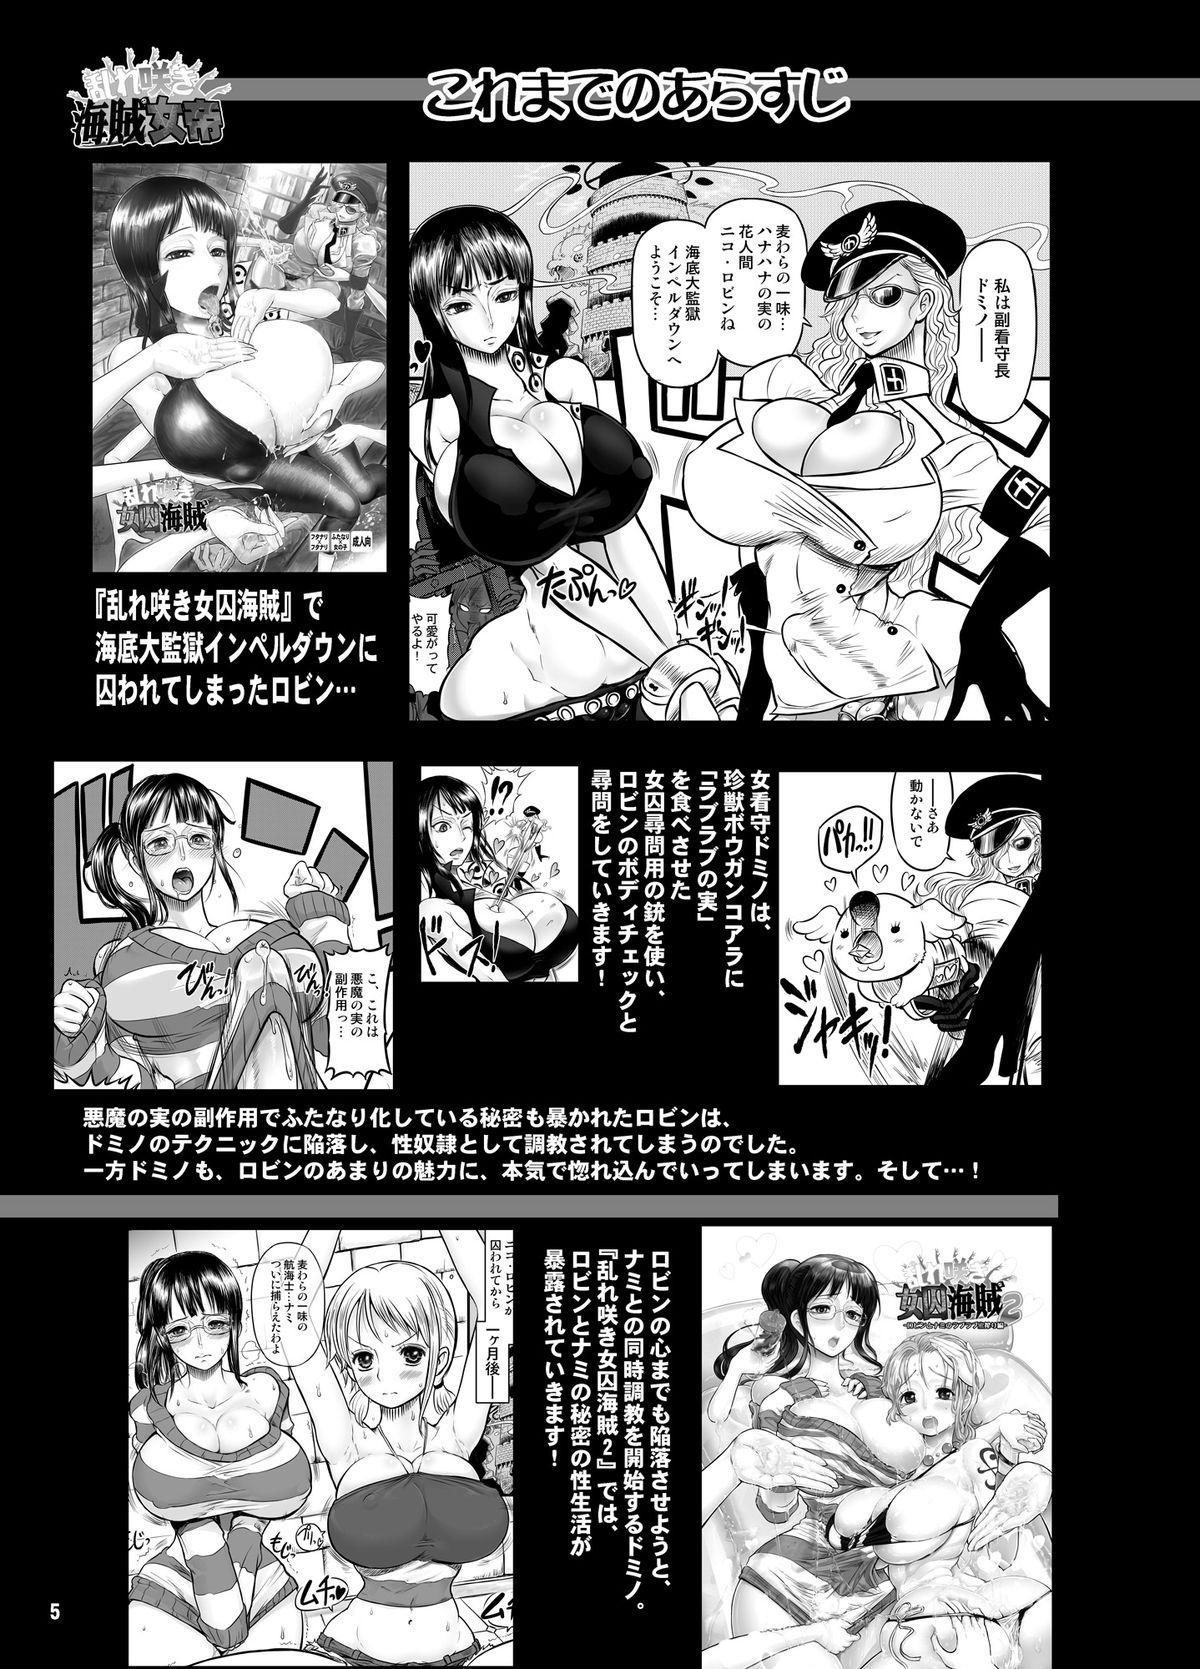 Midarezaki Kaizoku Jotei 4